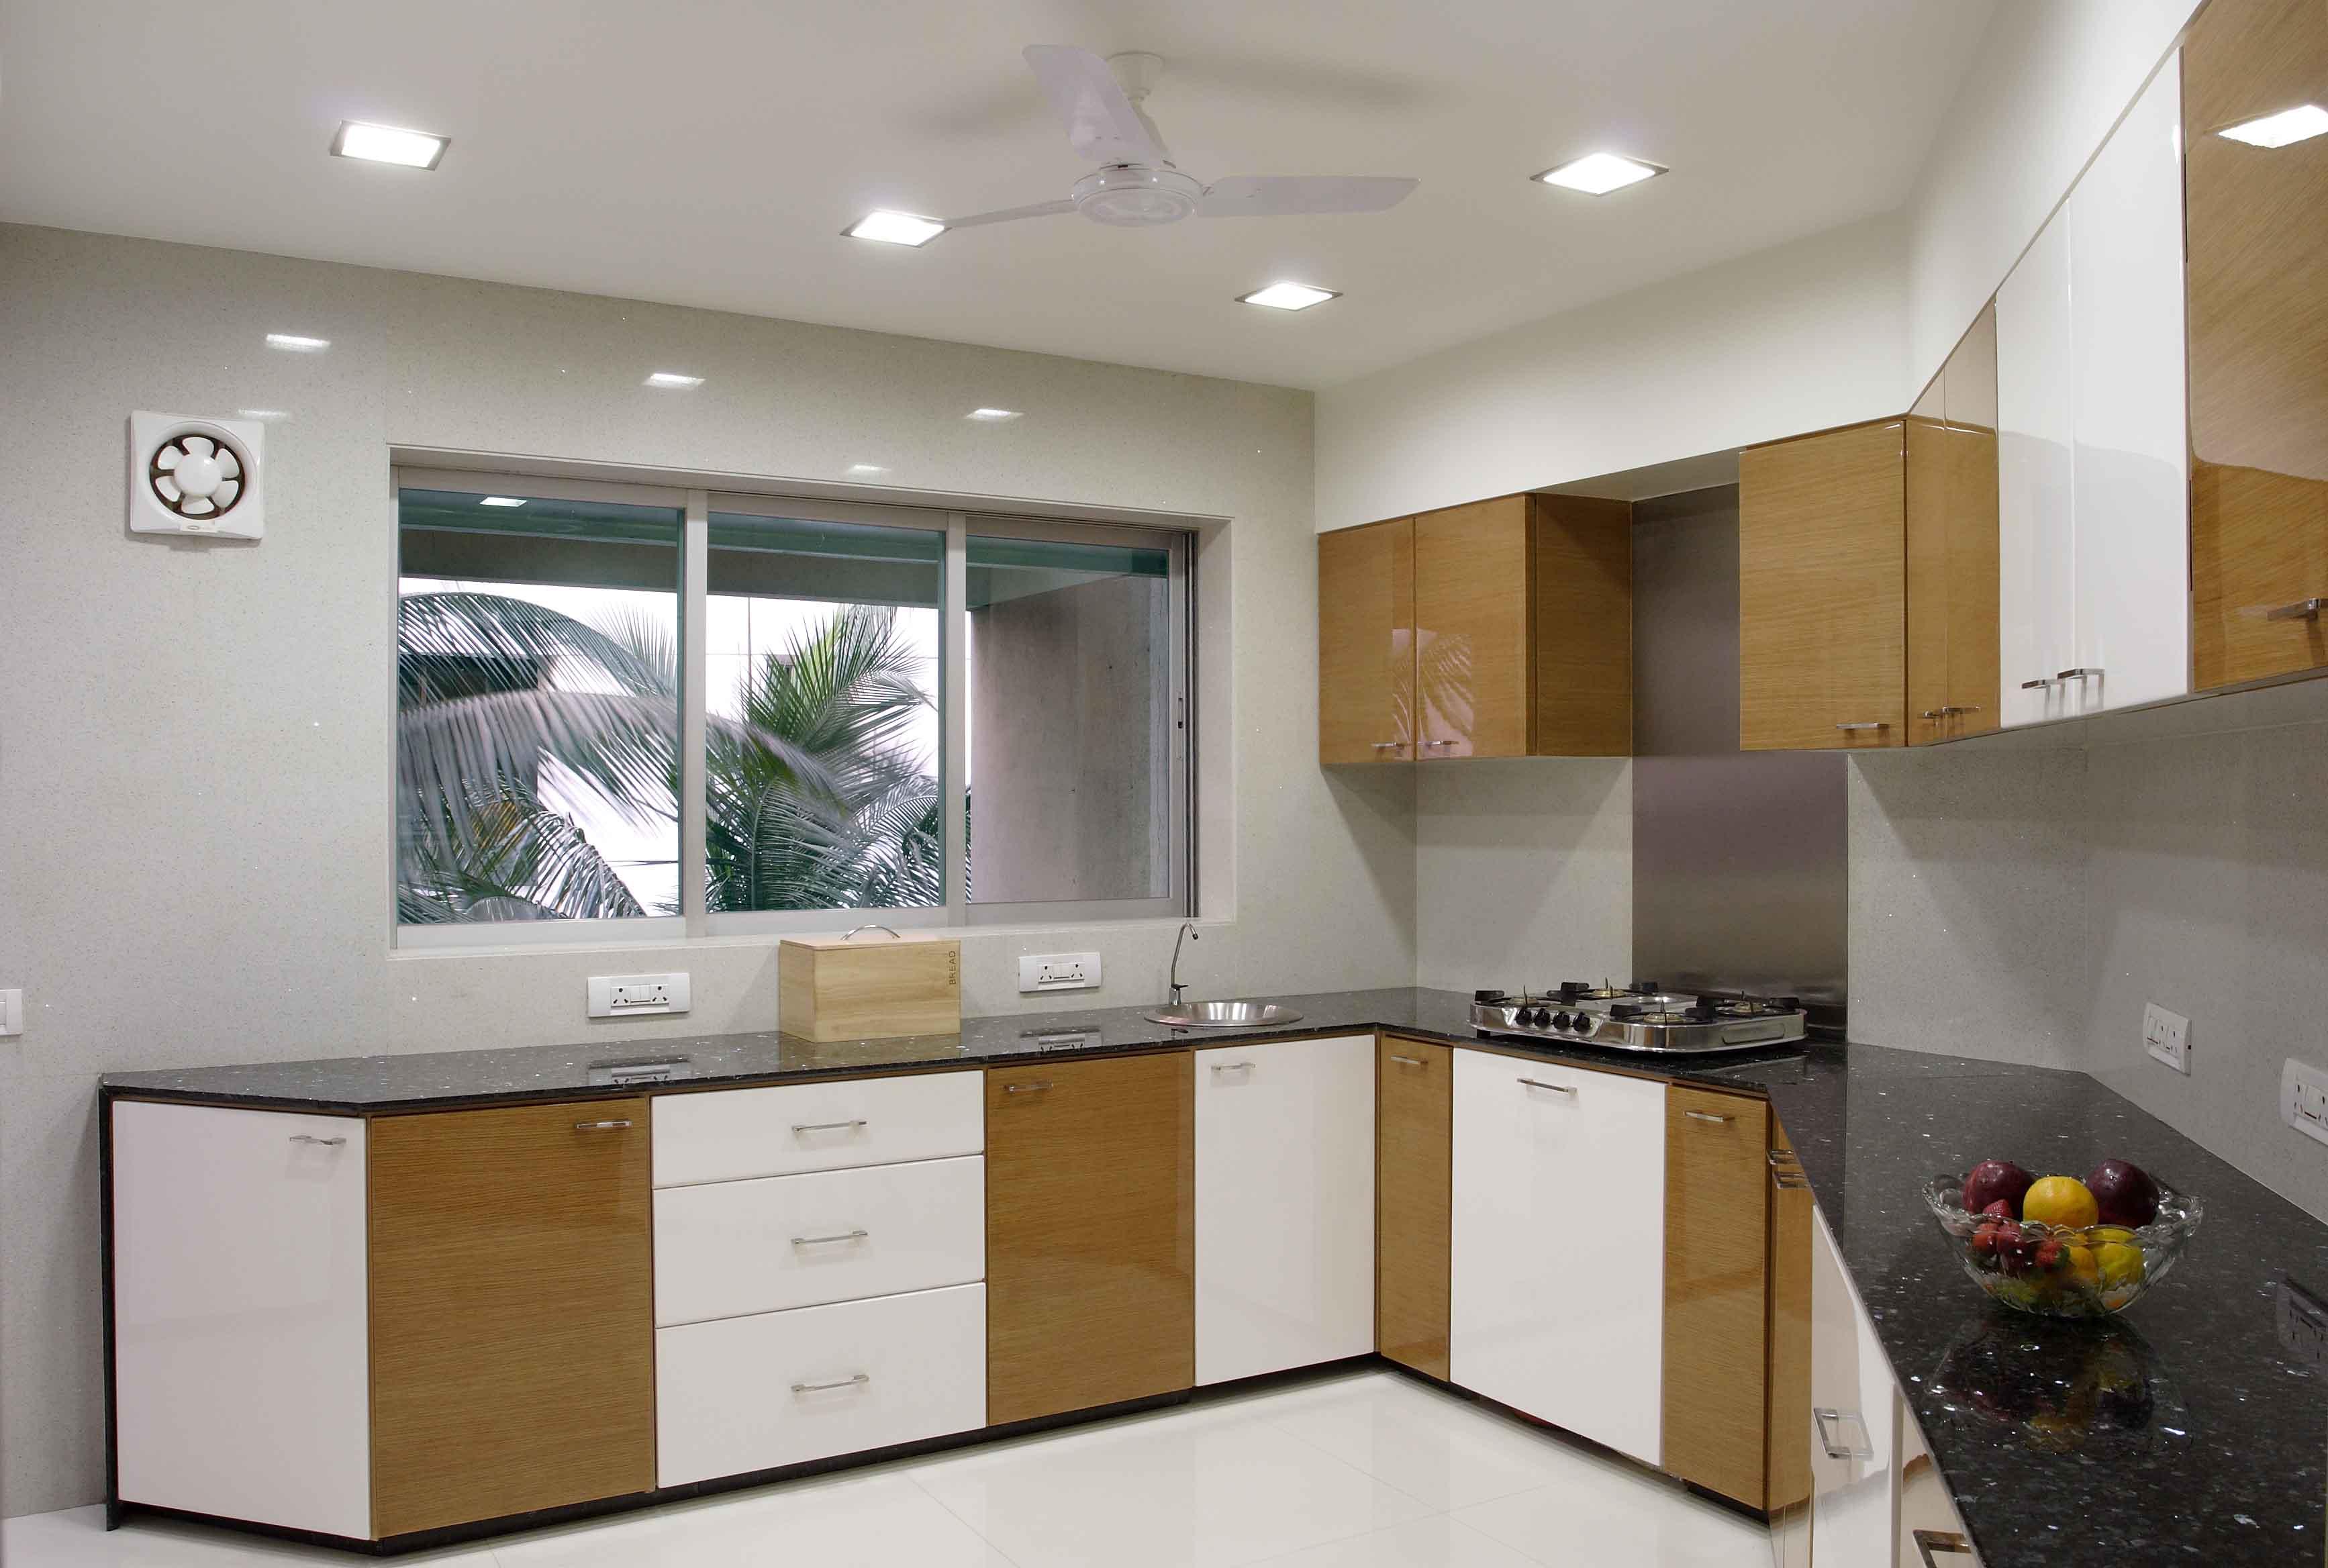 Kitchen equipment interior design kitchen MSASWSJ